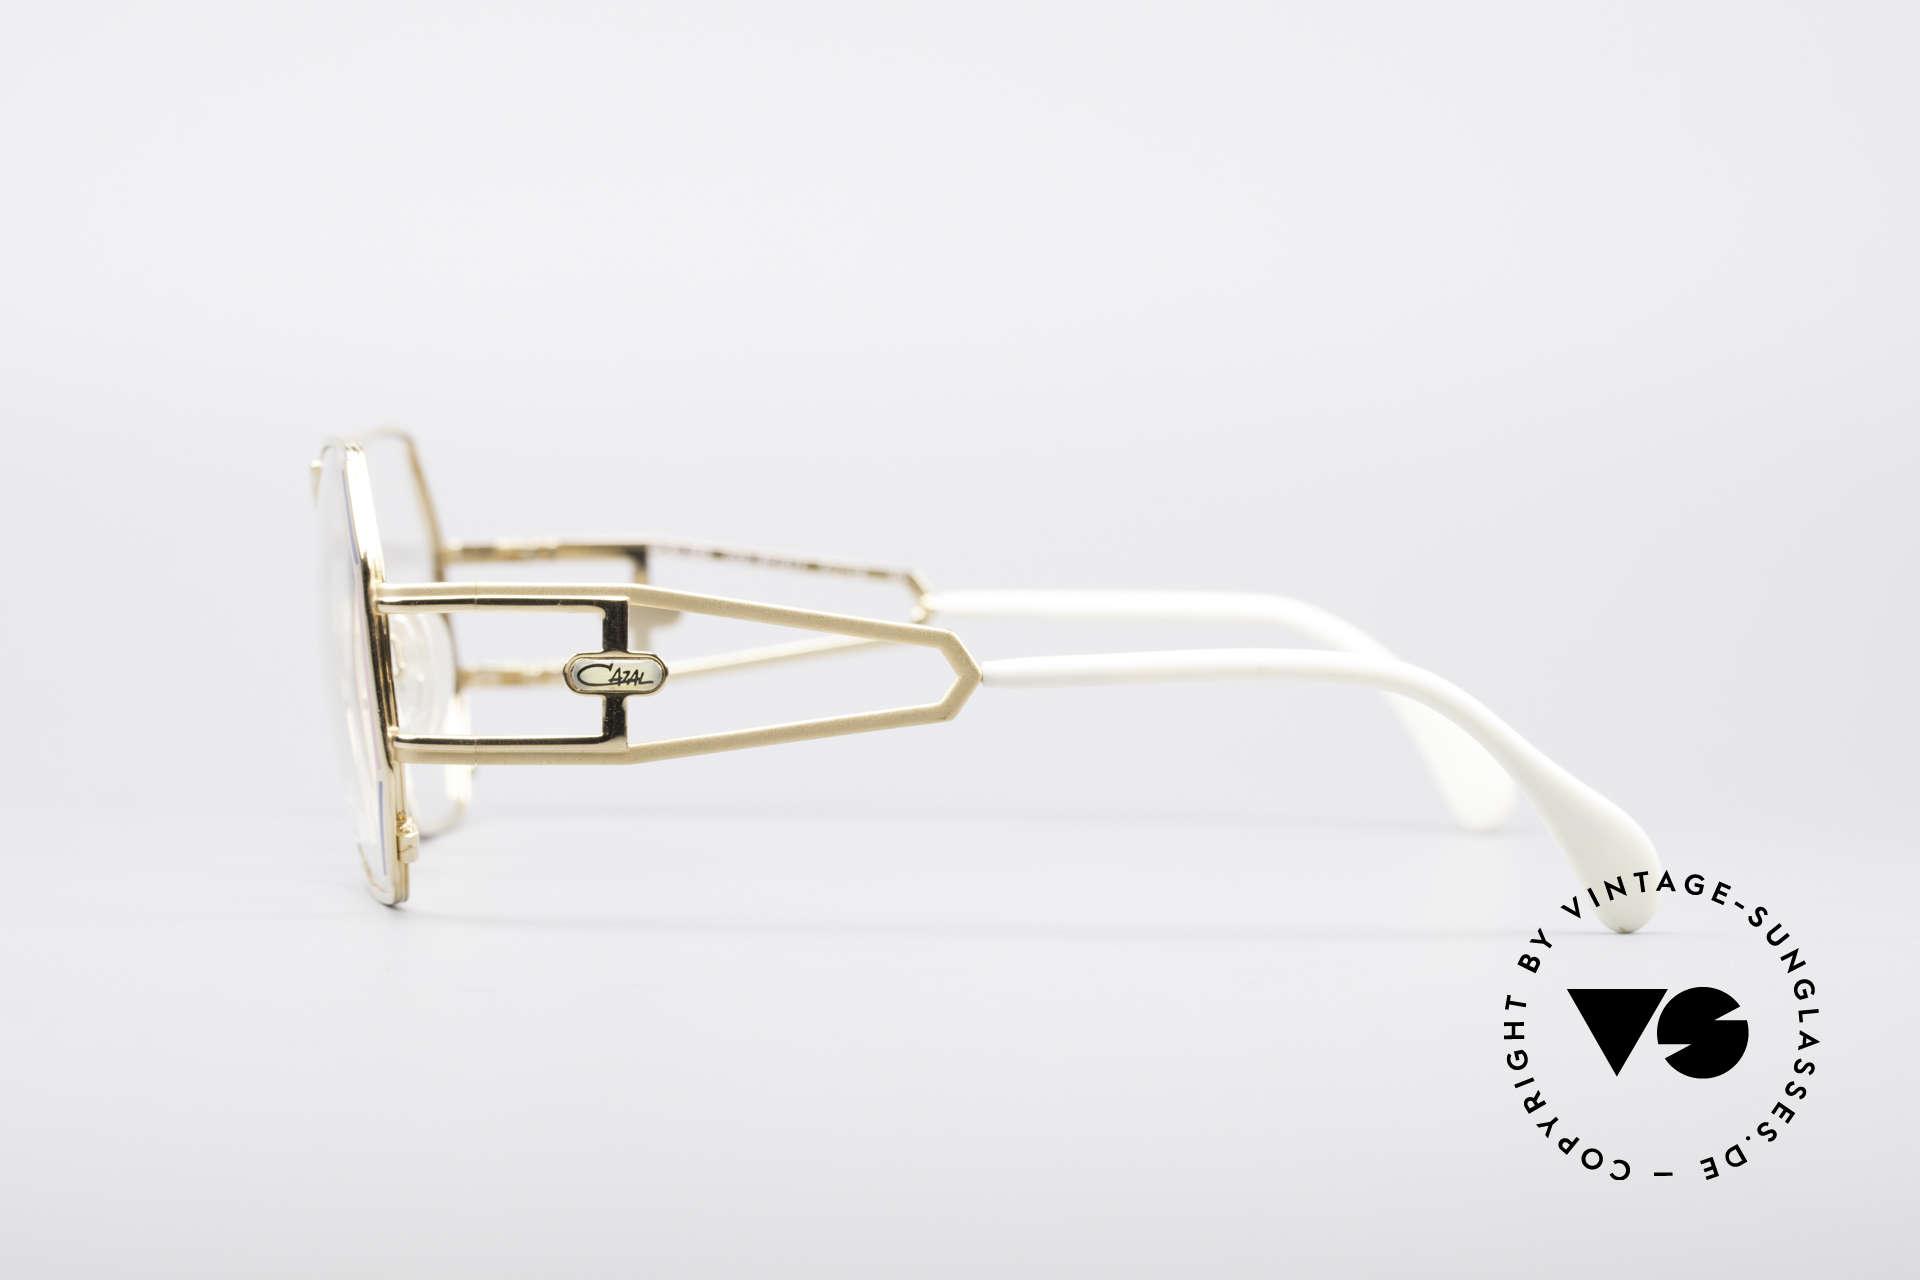 Cazal 225 80er Old School HipHop Brille, KEINE RETROBrille, sondern ein echtes vintage Unikat, Passend für Damen